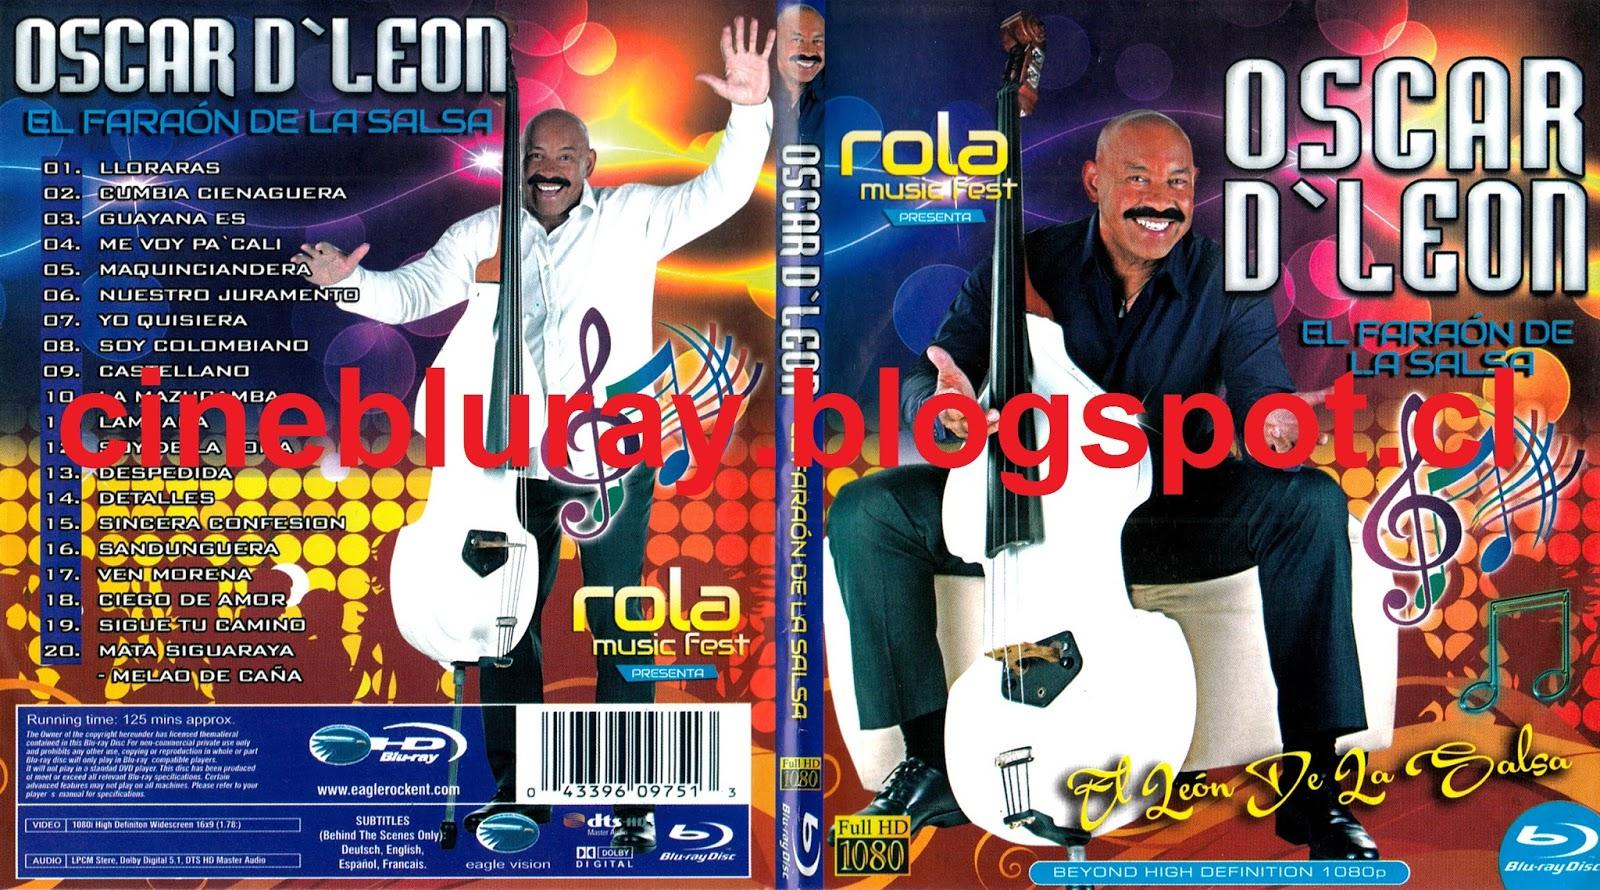 11032017 Estrenos Para Hoy moreover R Kelly moreover Page287 moreover 2322924 additionally 4432. on oscar de leon greatest hits